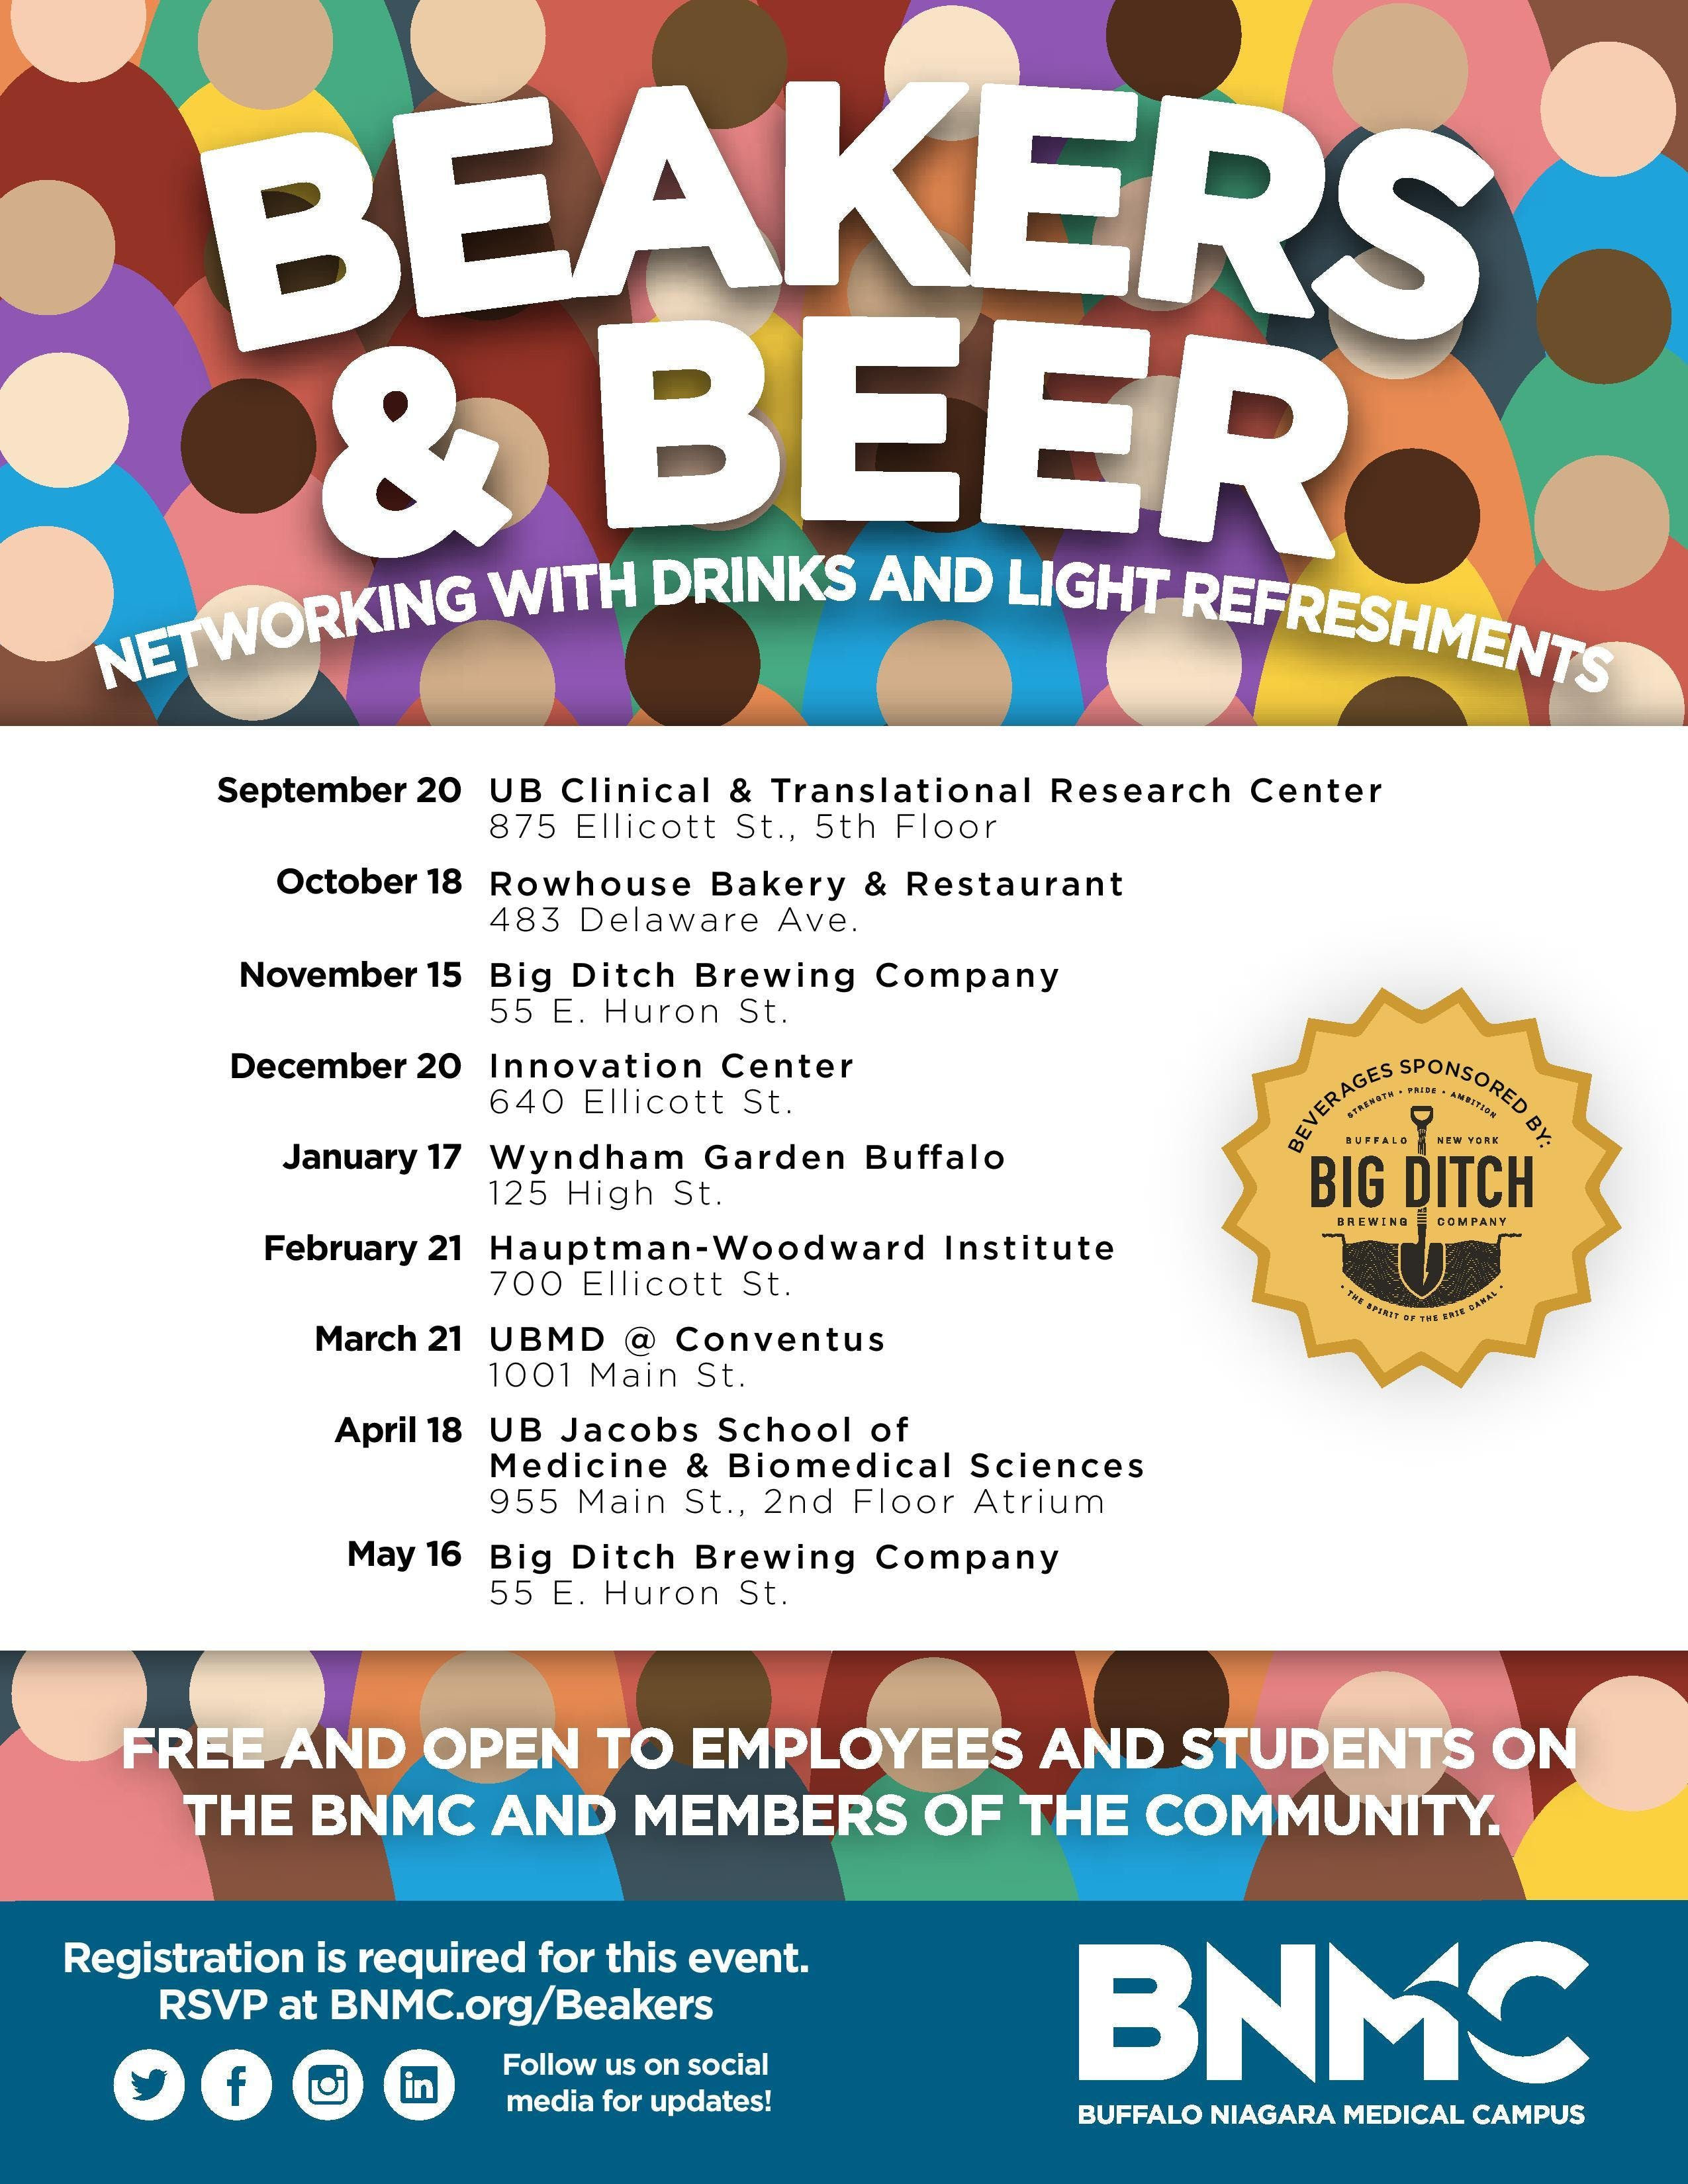 Beakers & Beer at CTRC